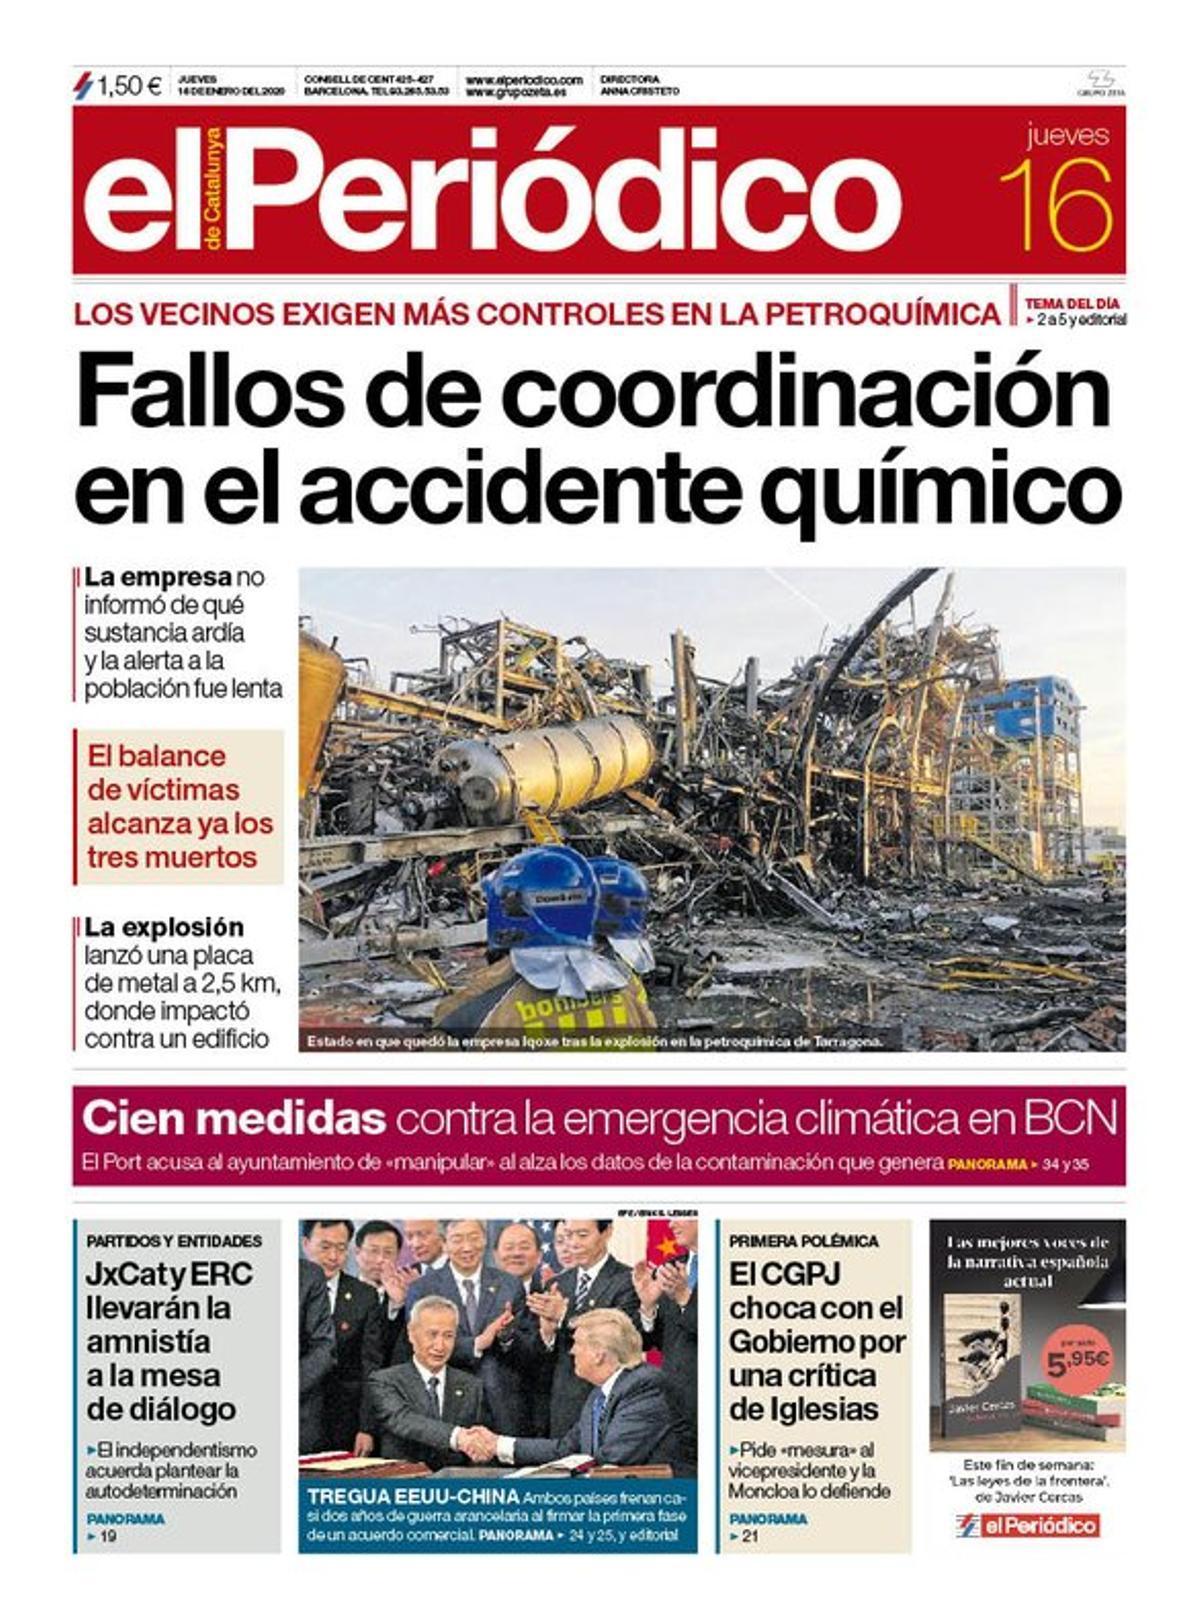 La portada de EL PERIÓDICO del 16 de enero del 2020.